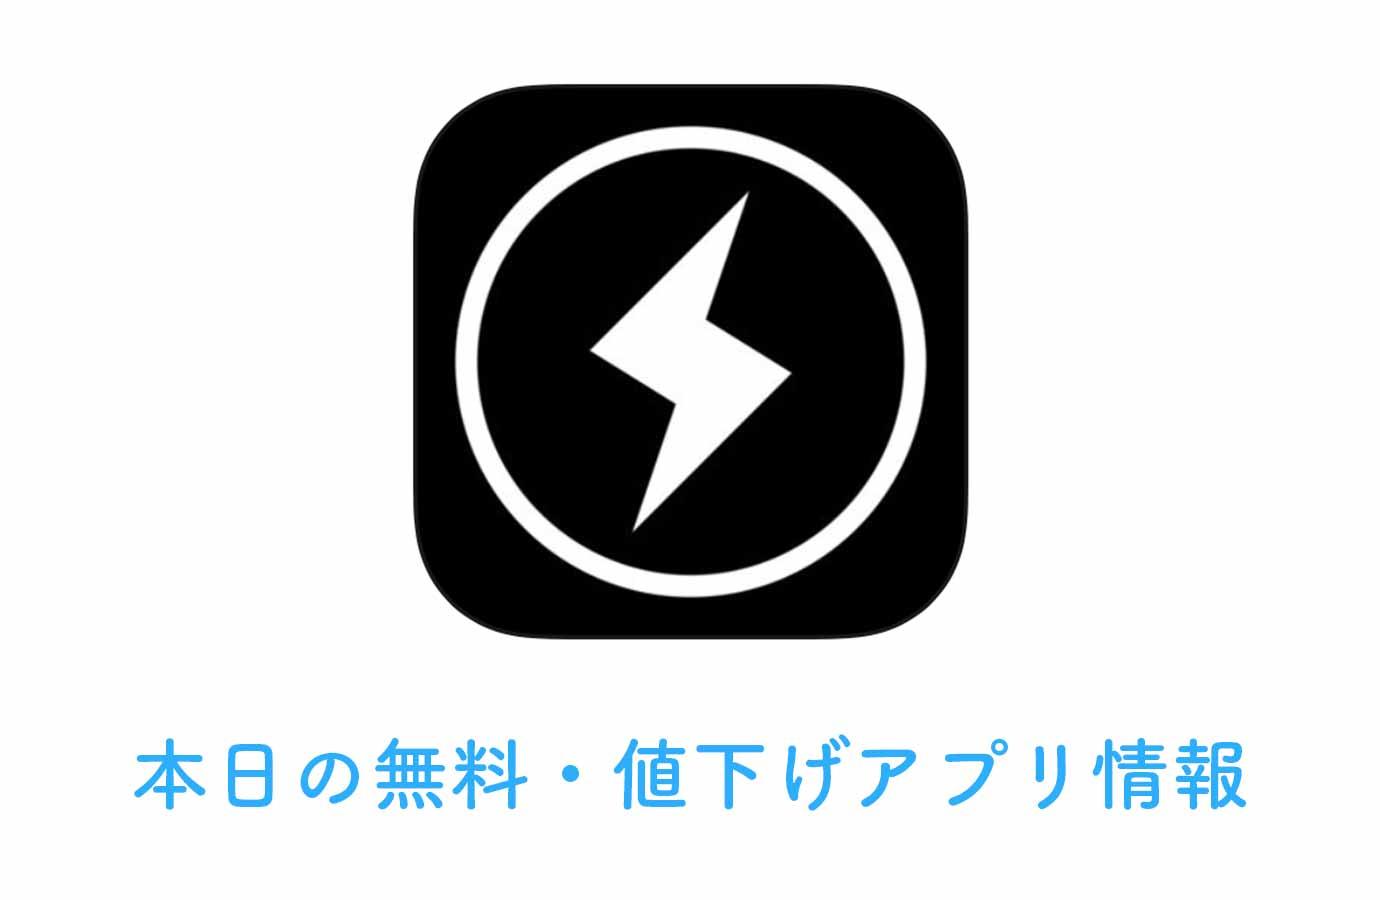 600円→無料!暗い写真が綺麗になる人気の写真補正アプリ「Instaflash Pro」など【3/18】本日の無料・値下げアプリ情報